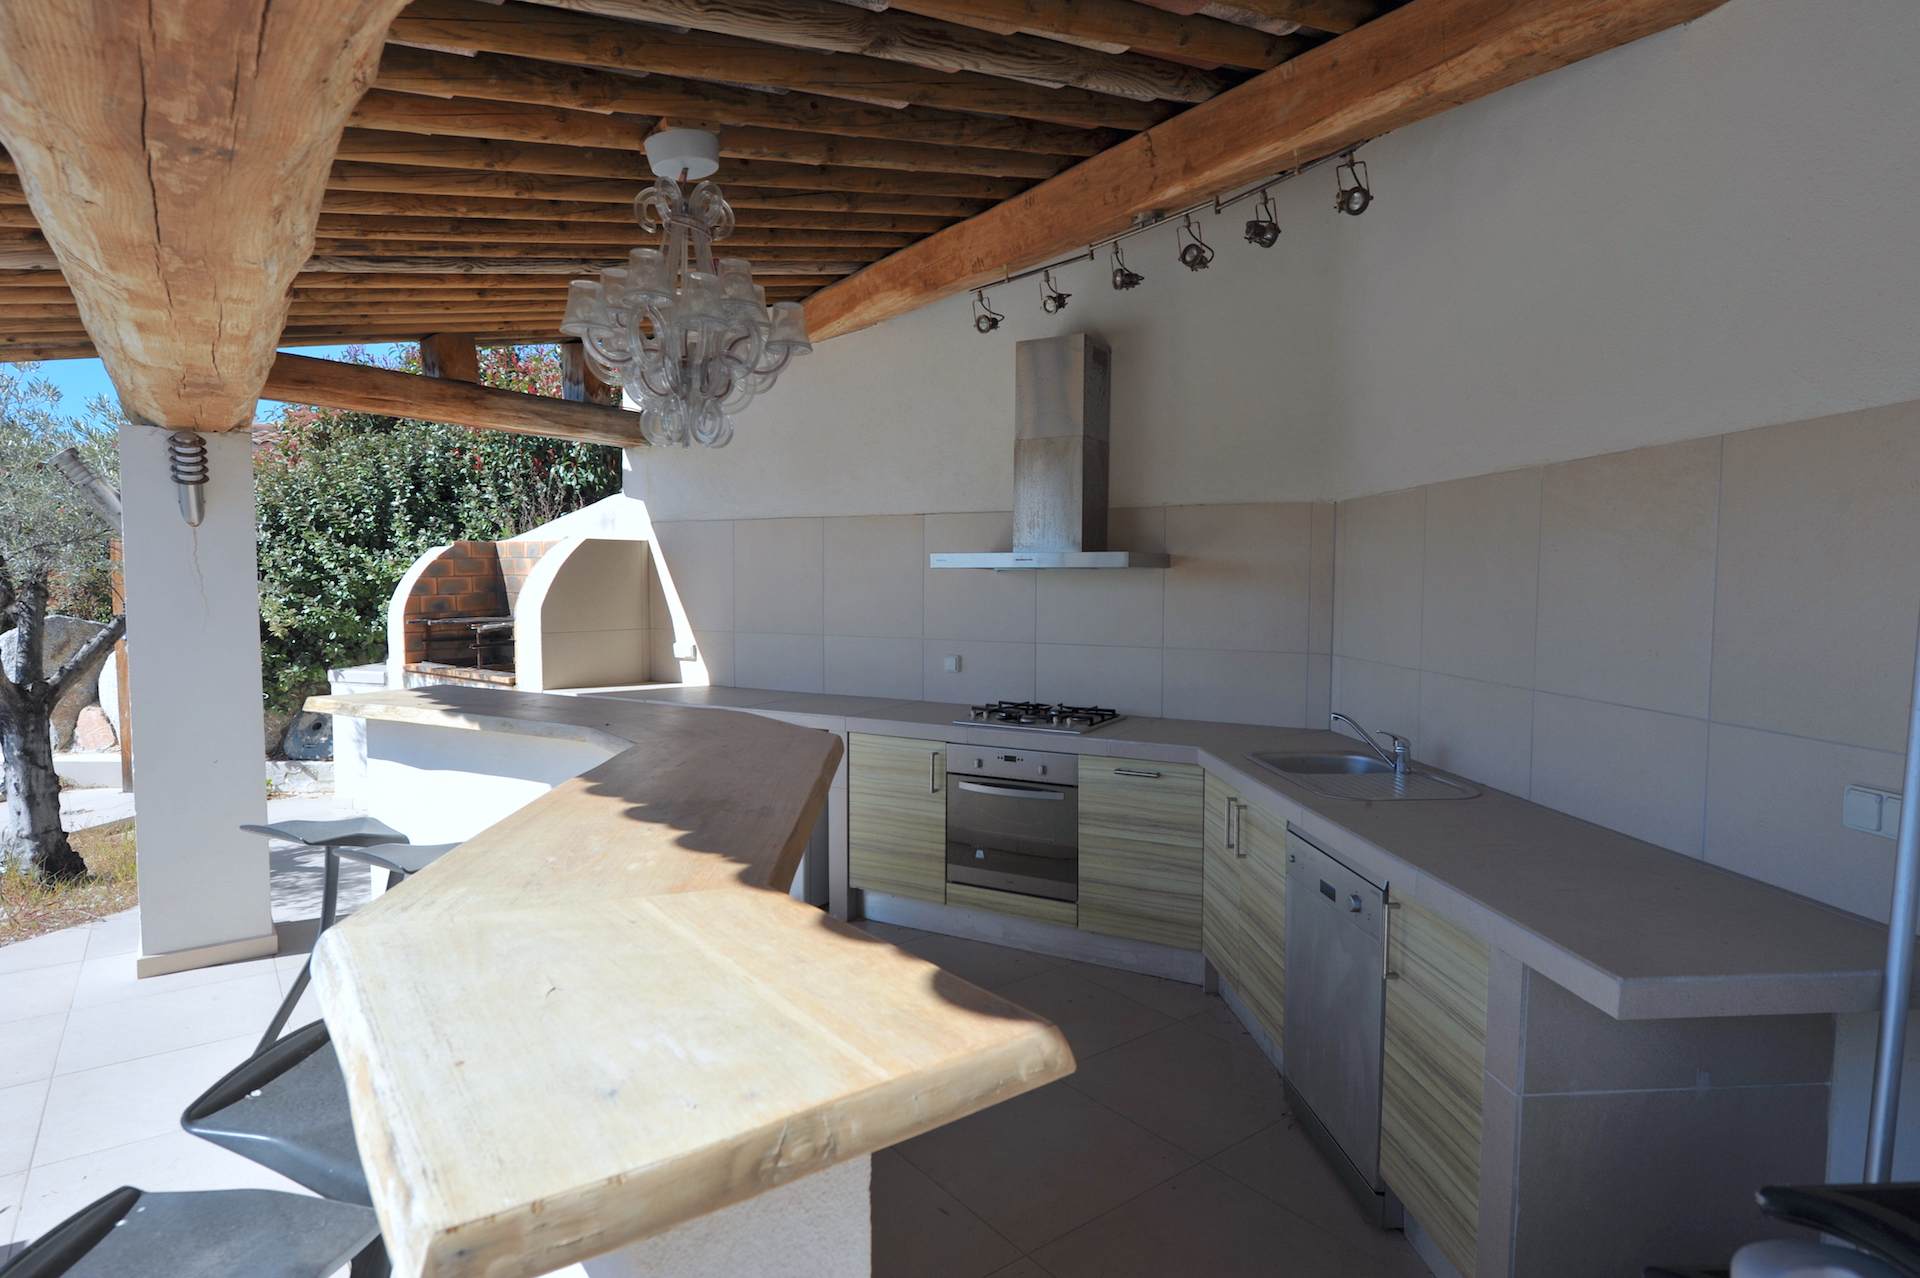 Golfo di Sogno, entre Marina di Fiori et Cala Rossa: Propriété comprenant une VILLA T-4 VUE PANORAMIQUE SUR LE GOLFE AVEC POOL-HOUSE et PISCINE, ainsi qu'une dépendance de type BERGERIE.